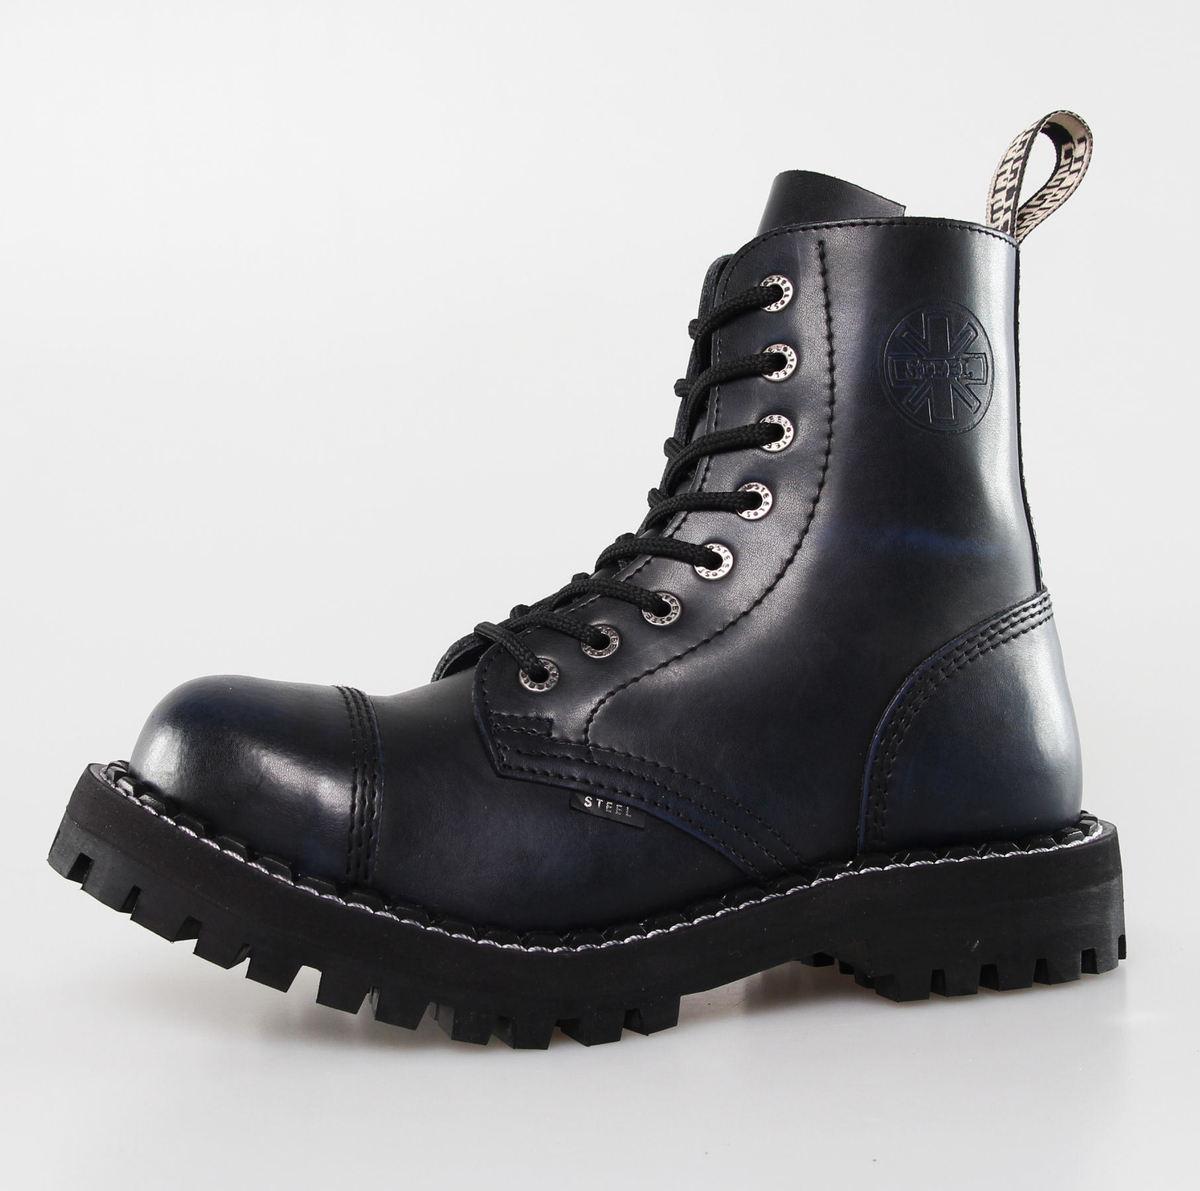 boty STEEL - 8 dírkové (113/114) - Black/Blue